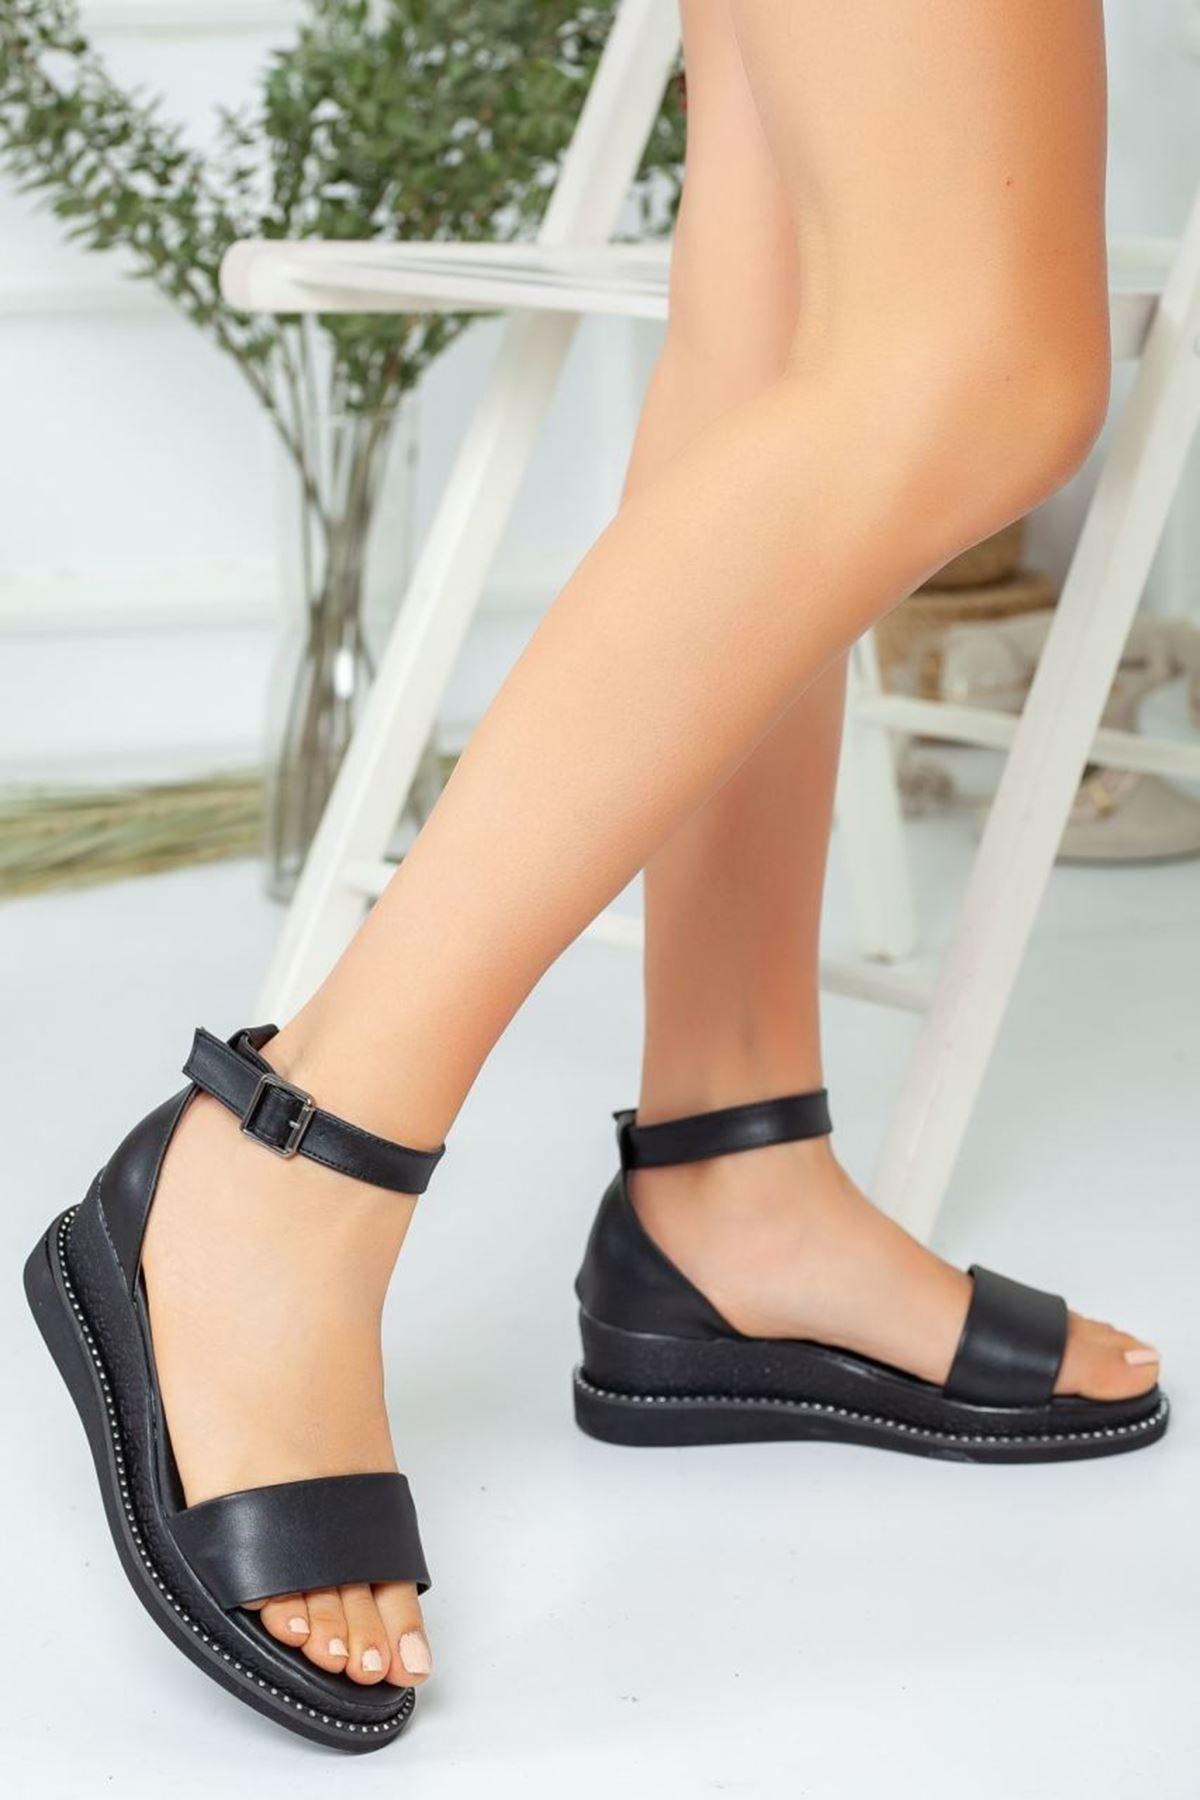 Kadın Egeon Siyah Mat Deri Dolgu Topuk Sandalet Ayakkabı